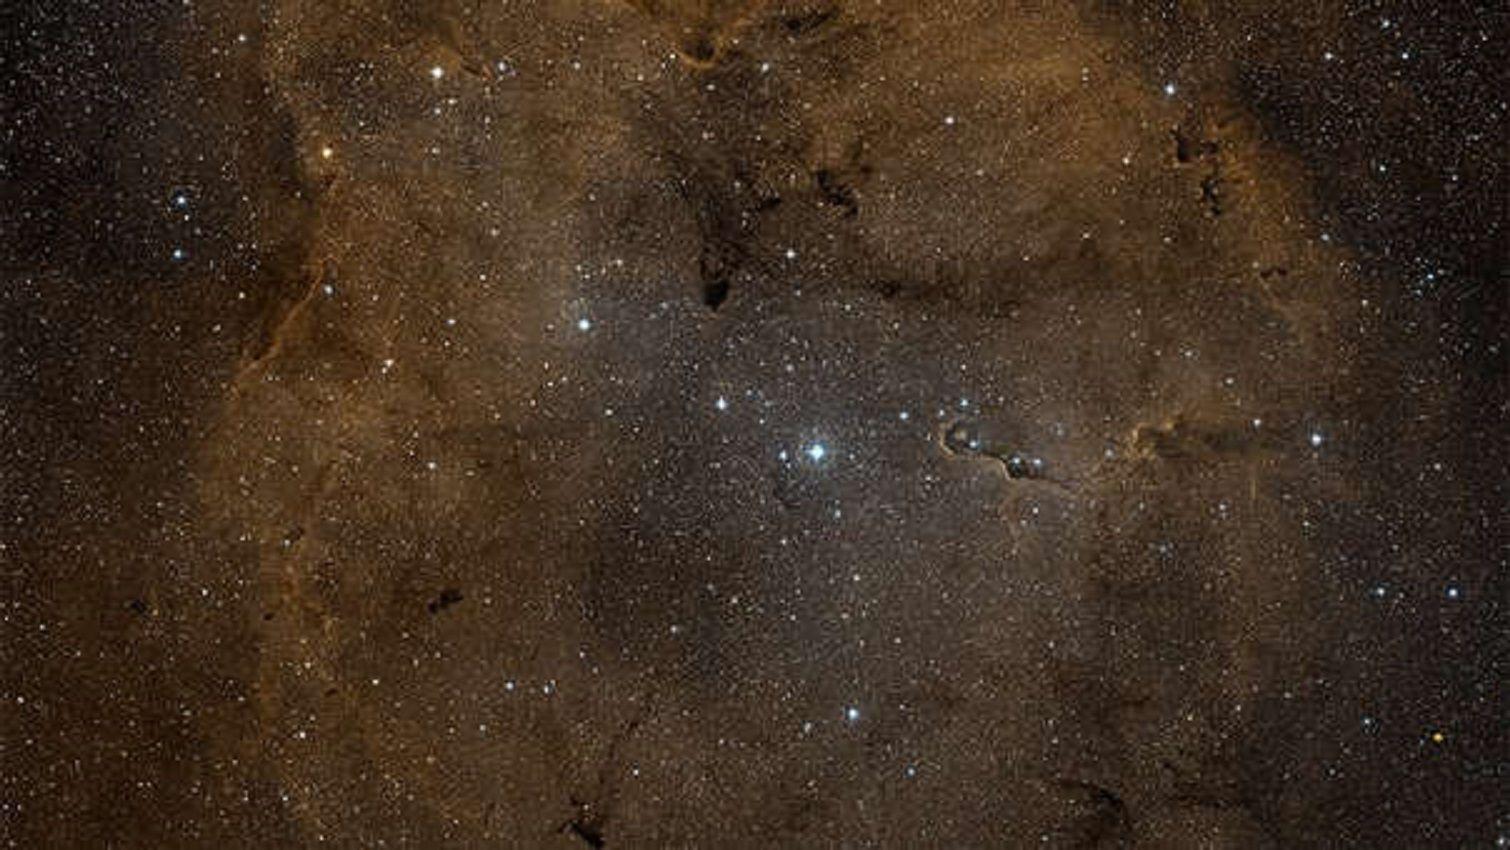 La Tierra está recibiendo misteriosas señales desde otra galaxia. Foto:NASA